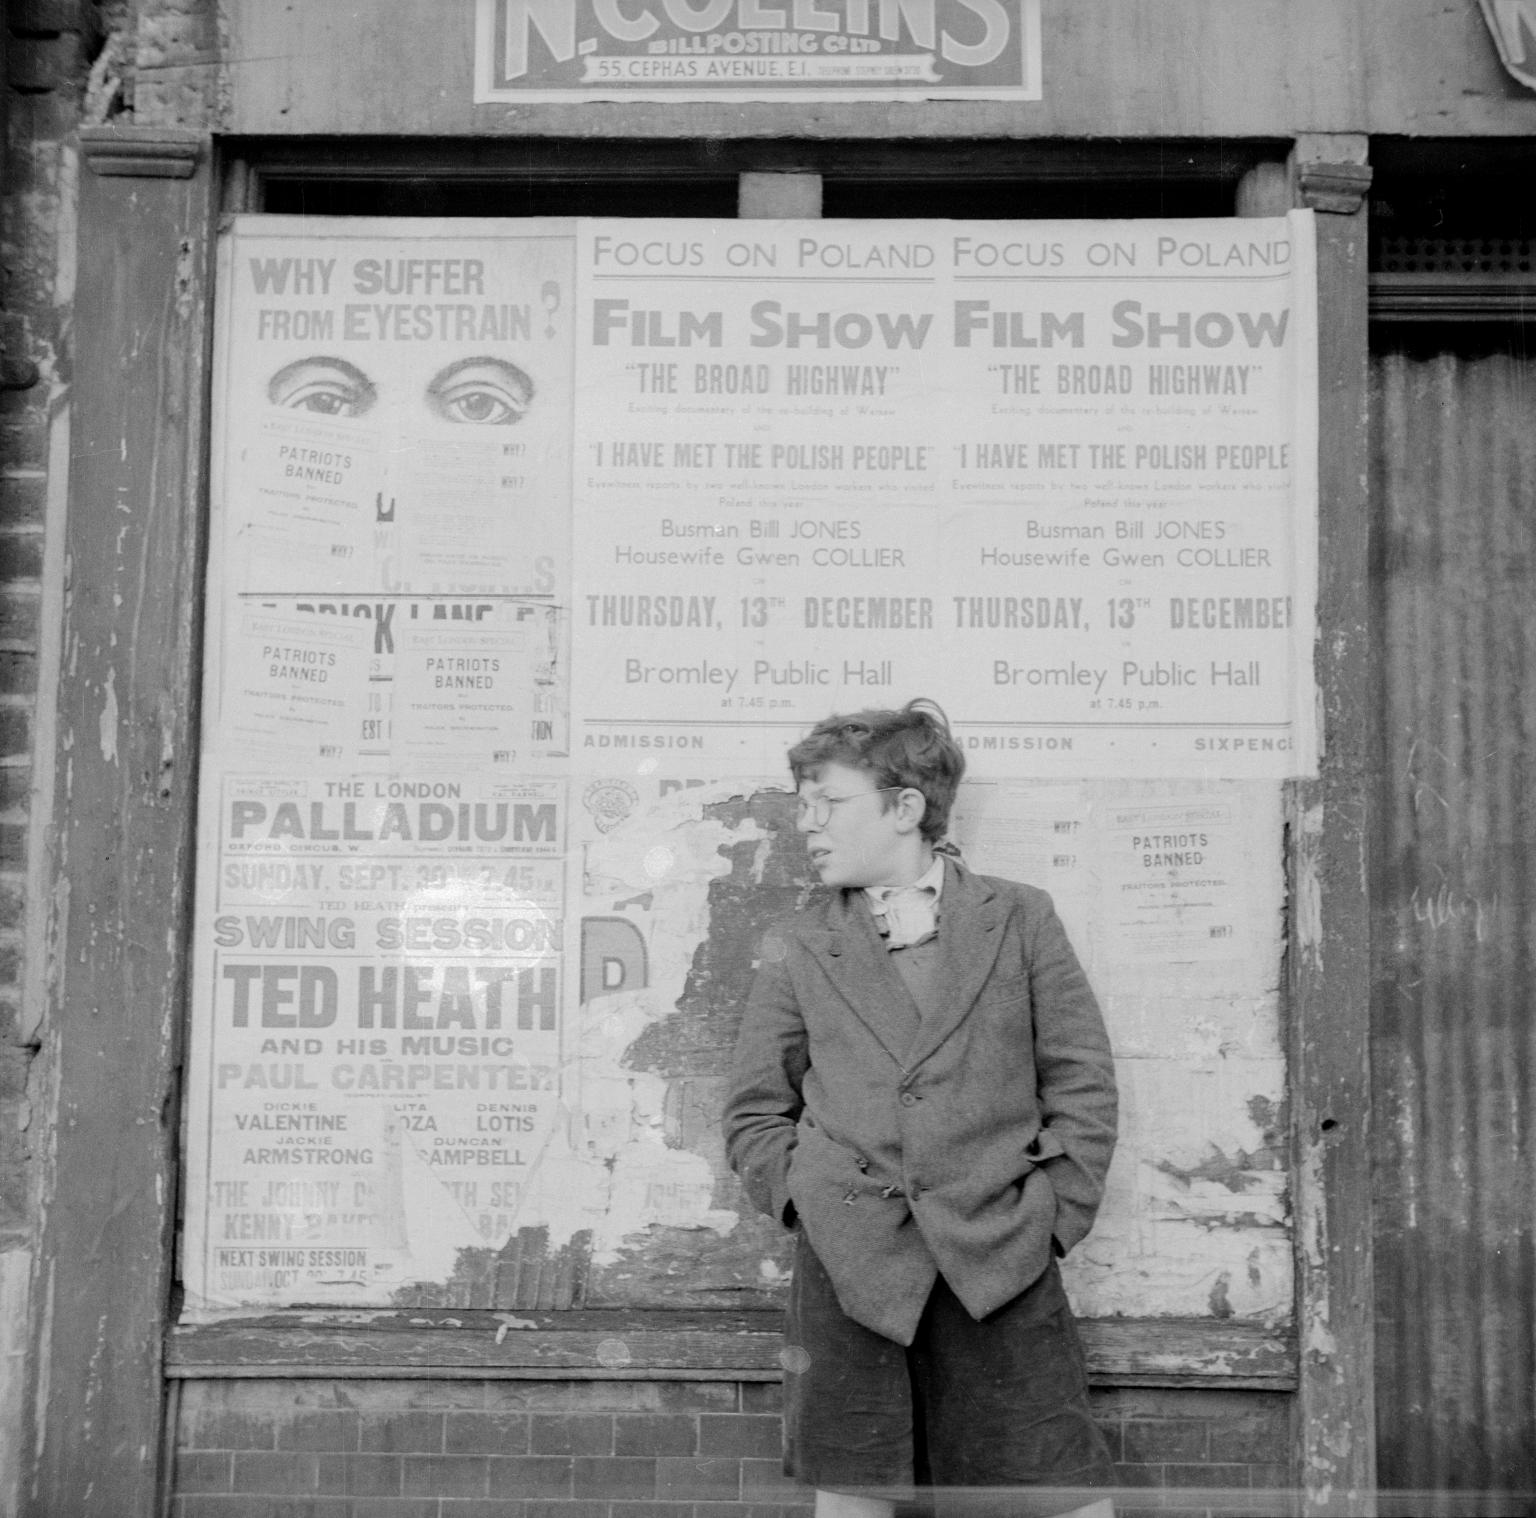 Питер Самуэльс перед рекламными плакатами. 951